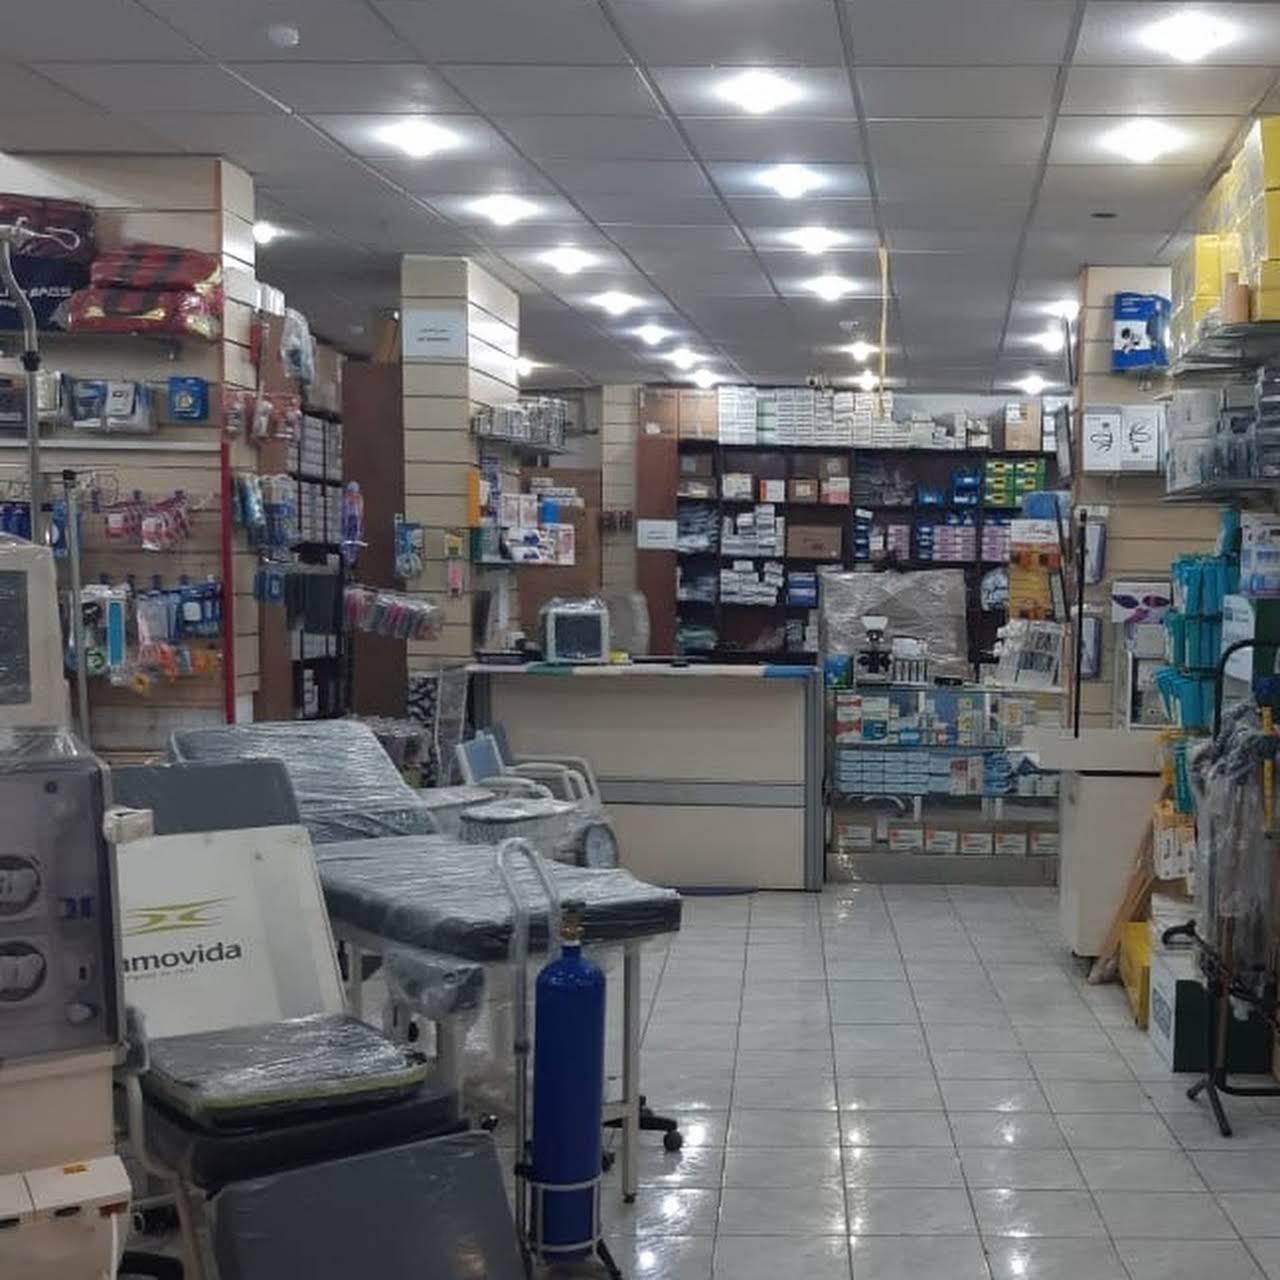 الاصفياء الطبية Alasfiaa Medical متجر مستلزمات طبية في المدينة المنورة